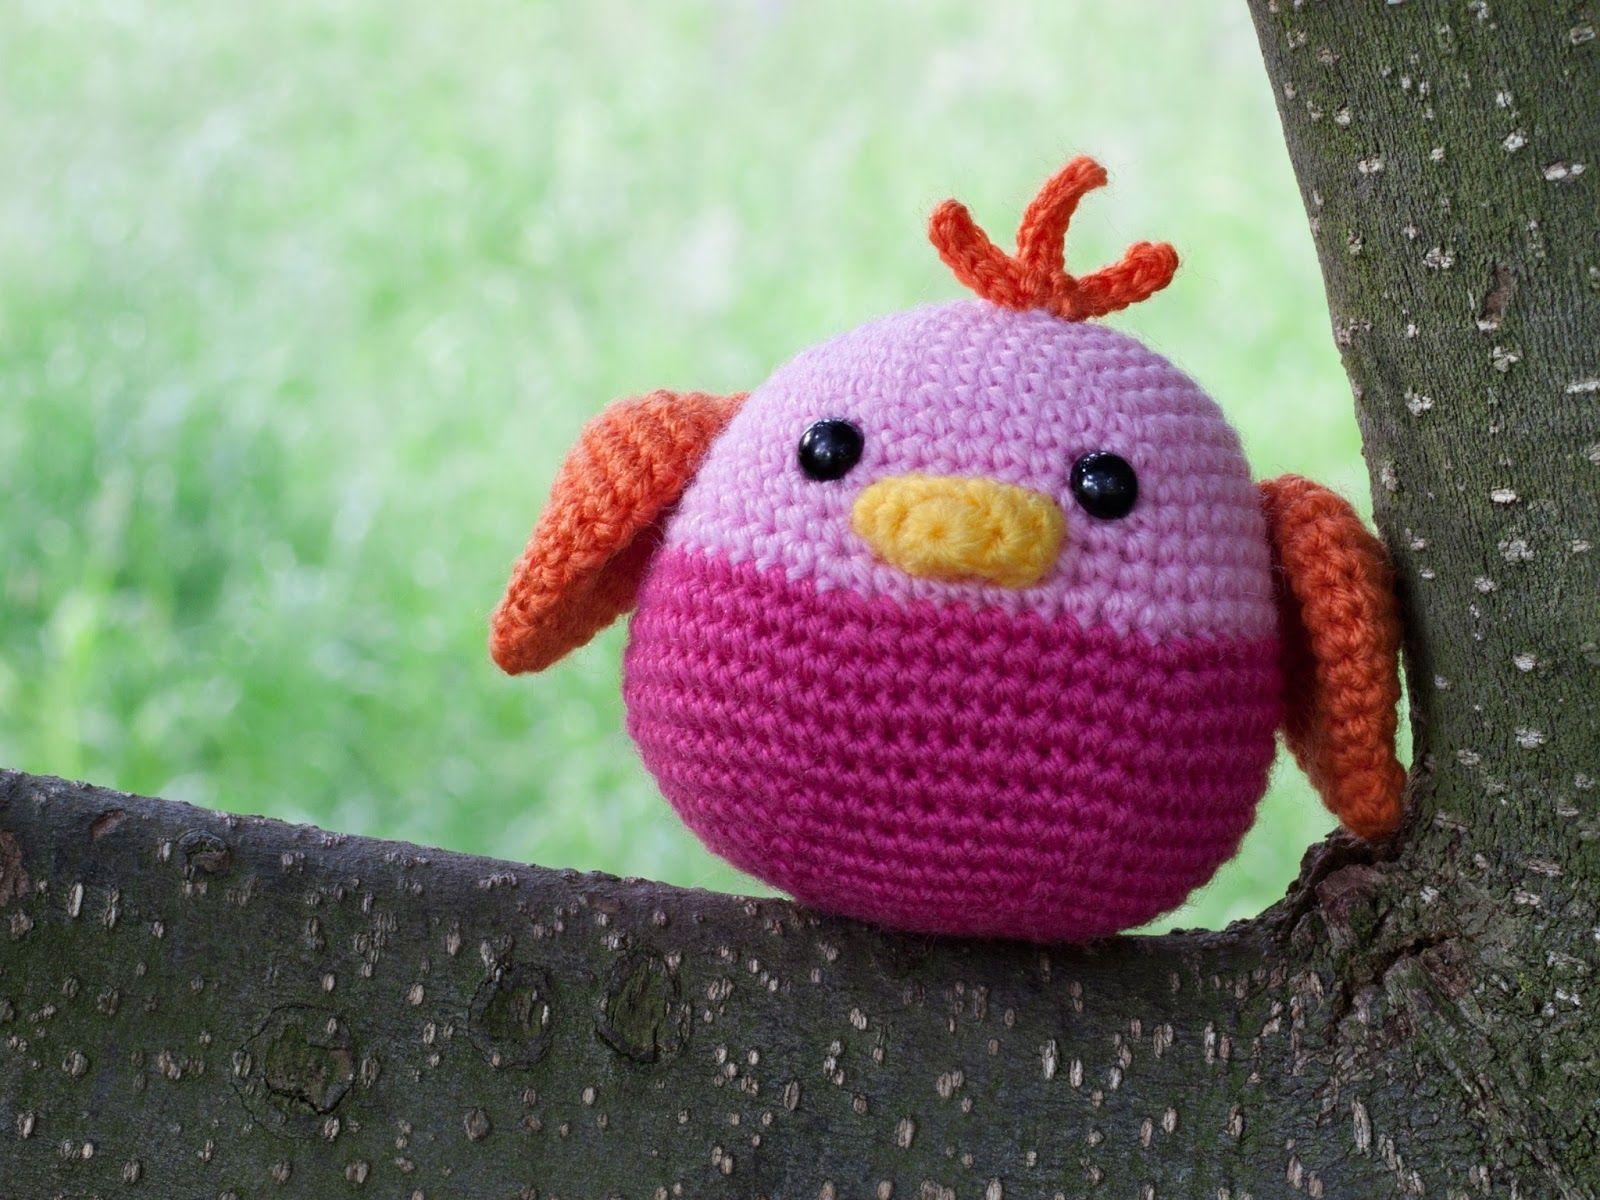 Amigurumi Bird Tutorial : Amigurumi chubby bird free crochet pattern tutorial pattern